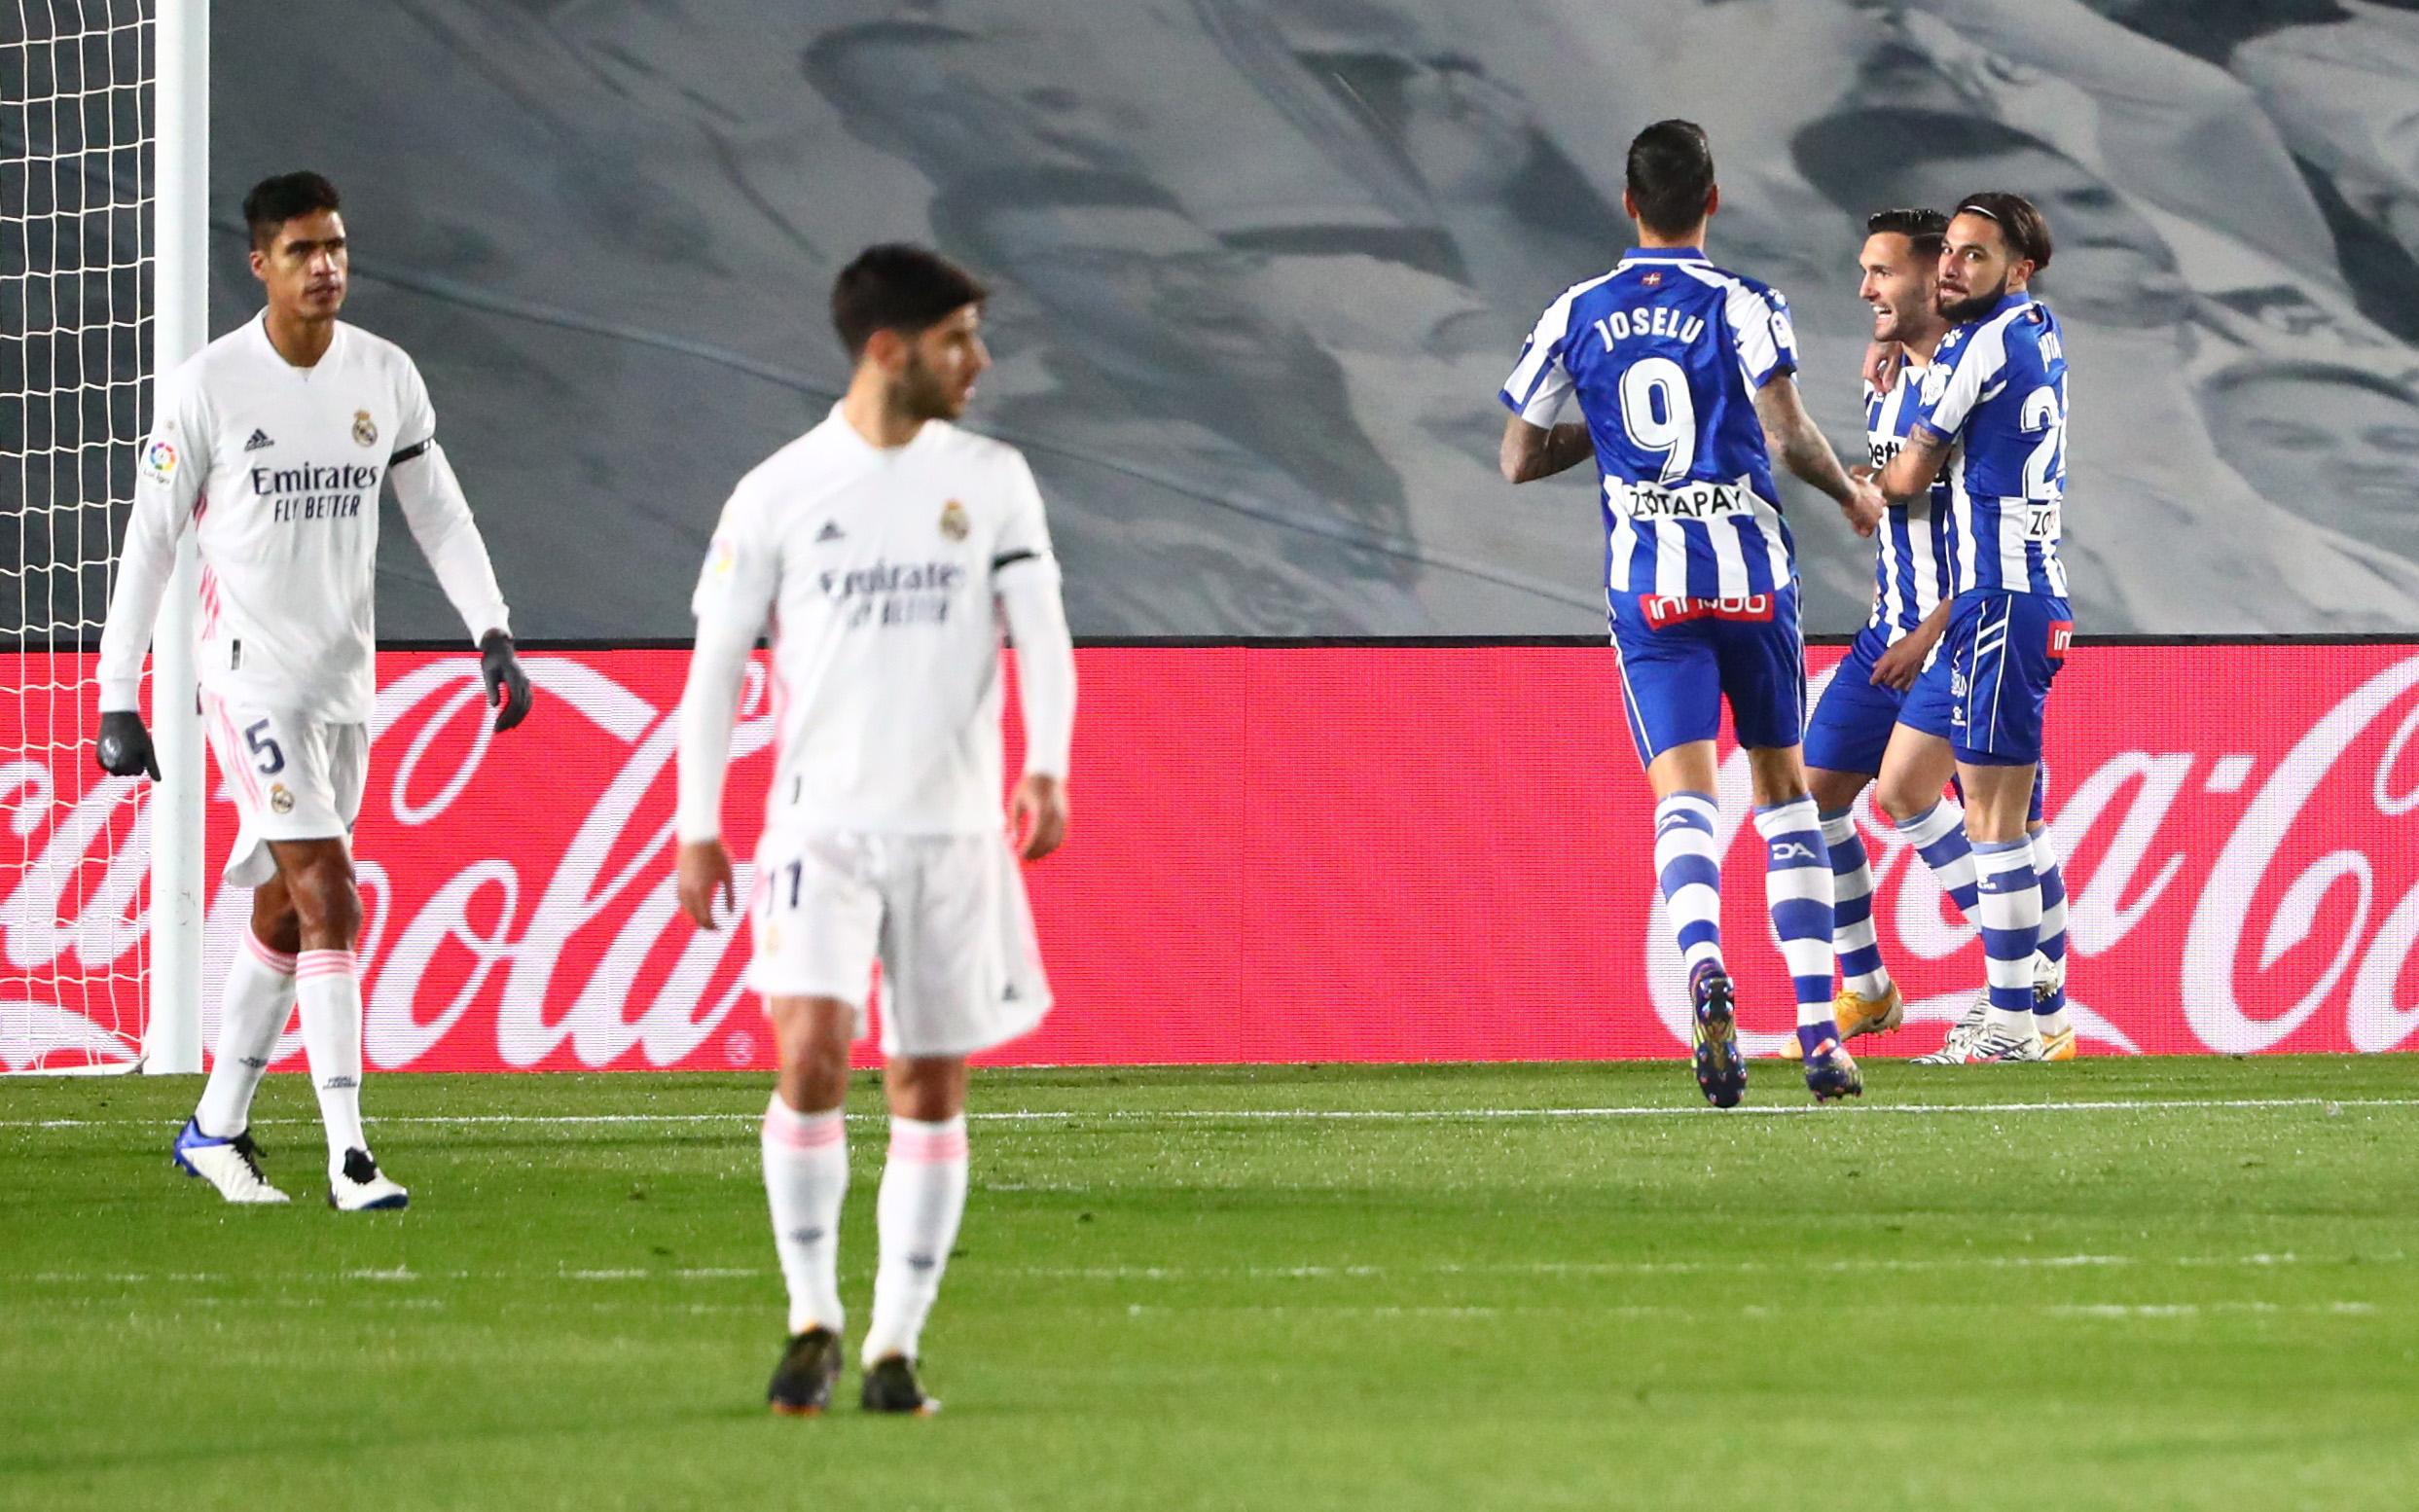 """Πρώην παίκτης του ΠΑΟΚ """"πάγωσε"""" τη Ρεάλ Μαδρίτης (video)"""